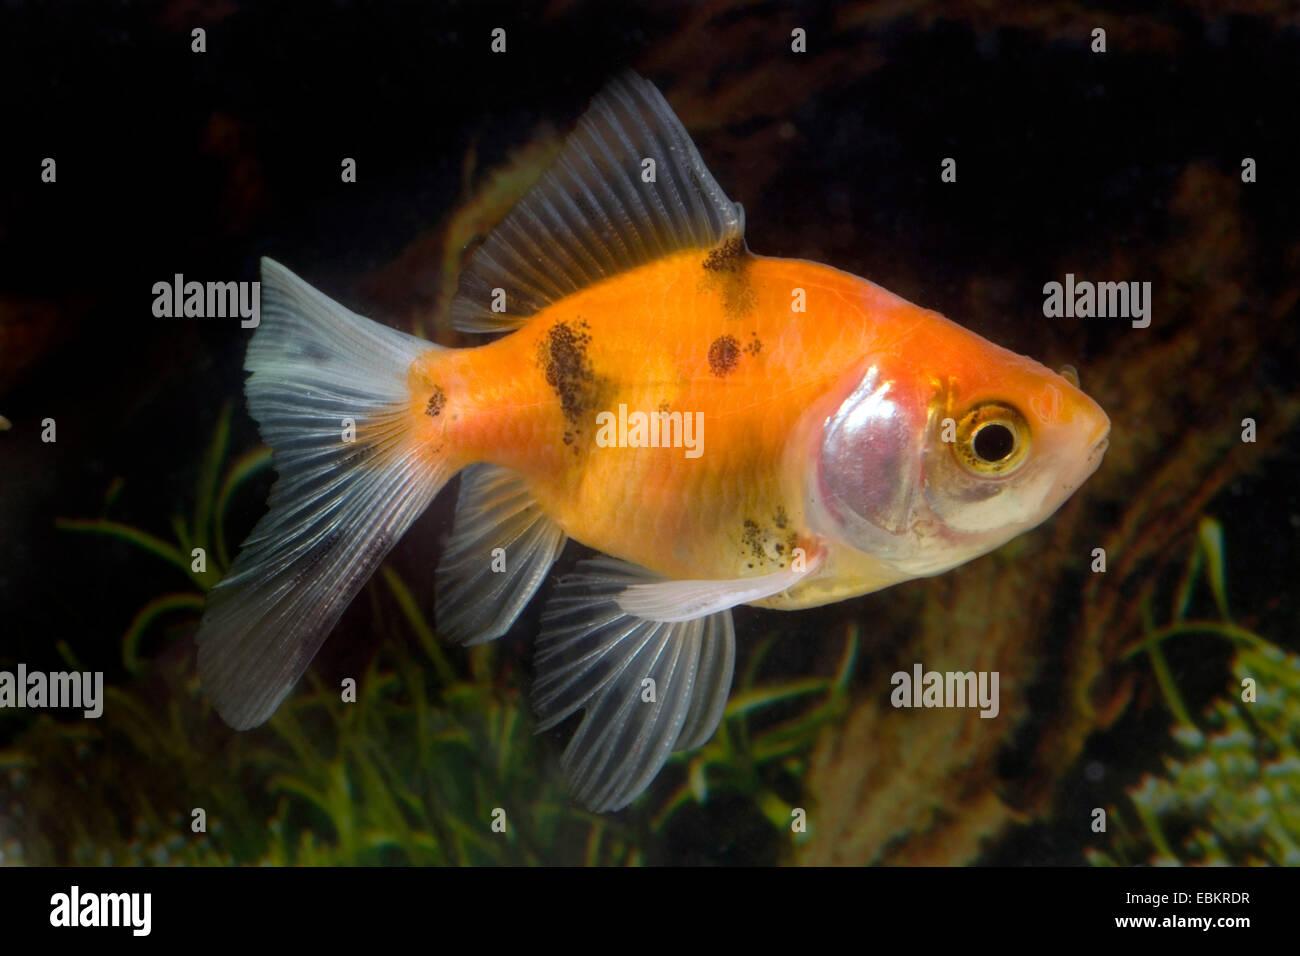 goldfish, common carp (Carassius auratus), breed Calico-Veiltail Stock Photo